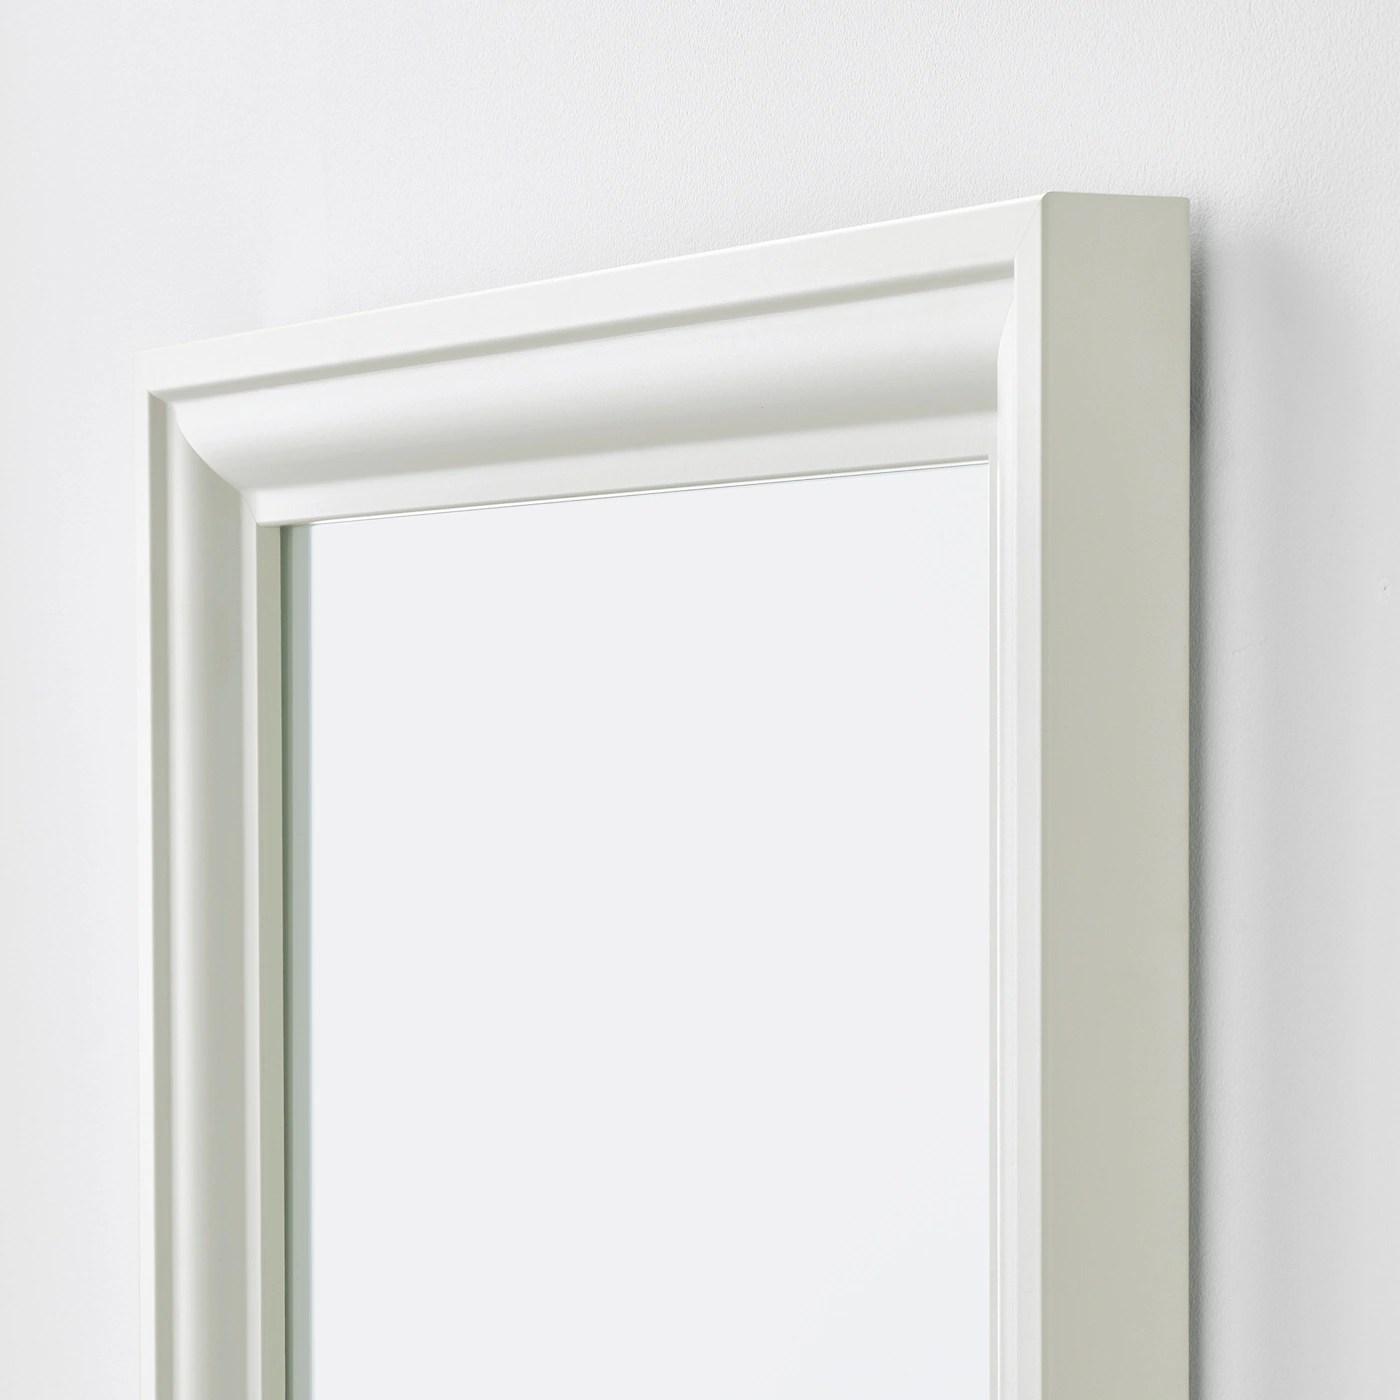 Toftbyn Miroir Blanc 75x165 Cm Ikea